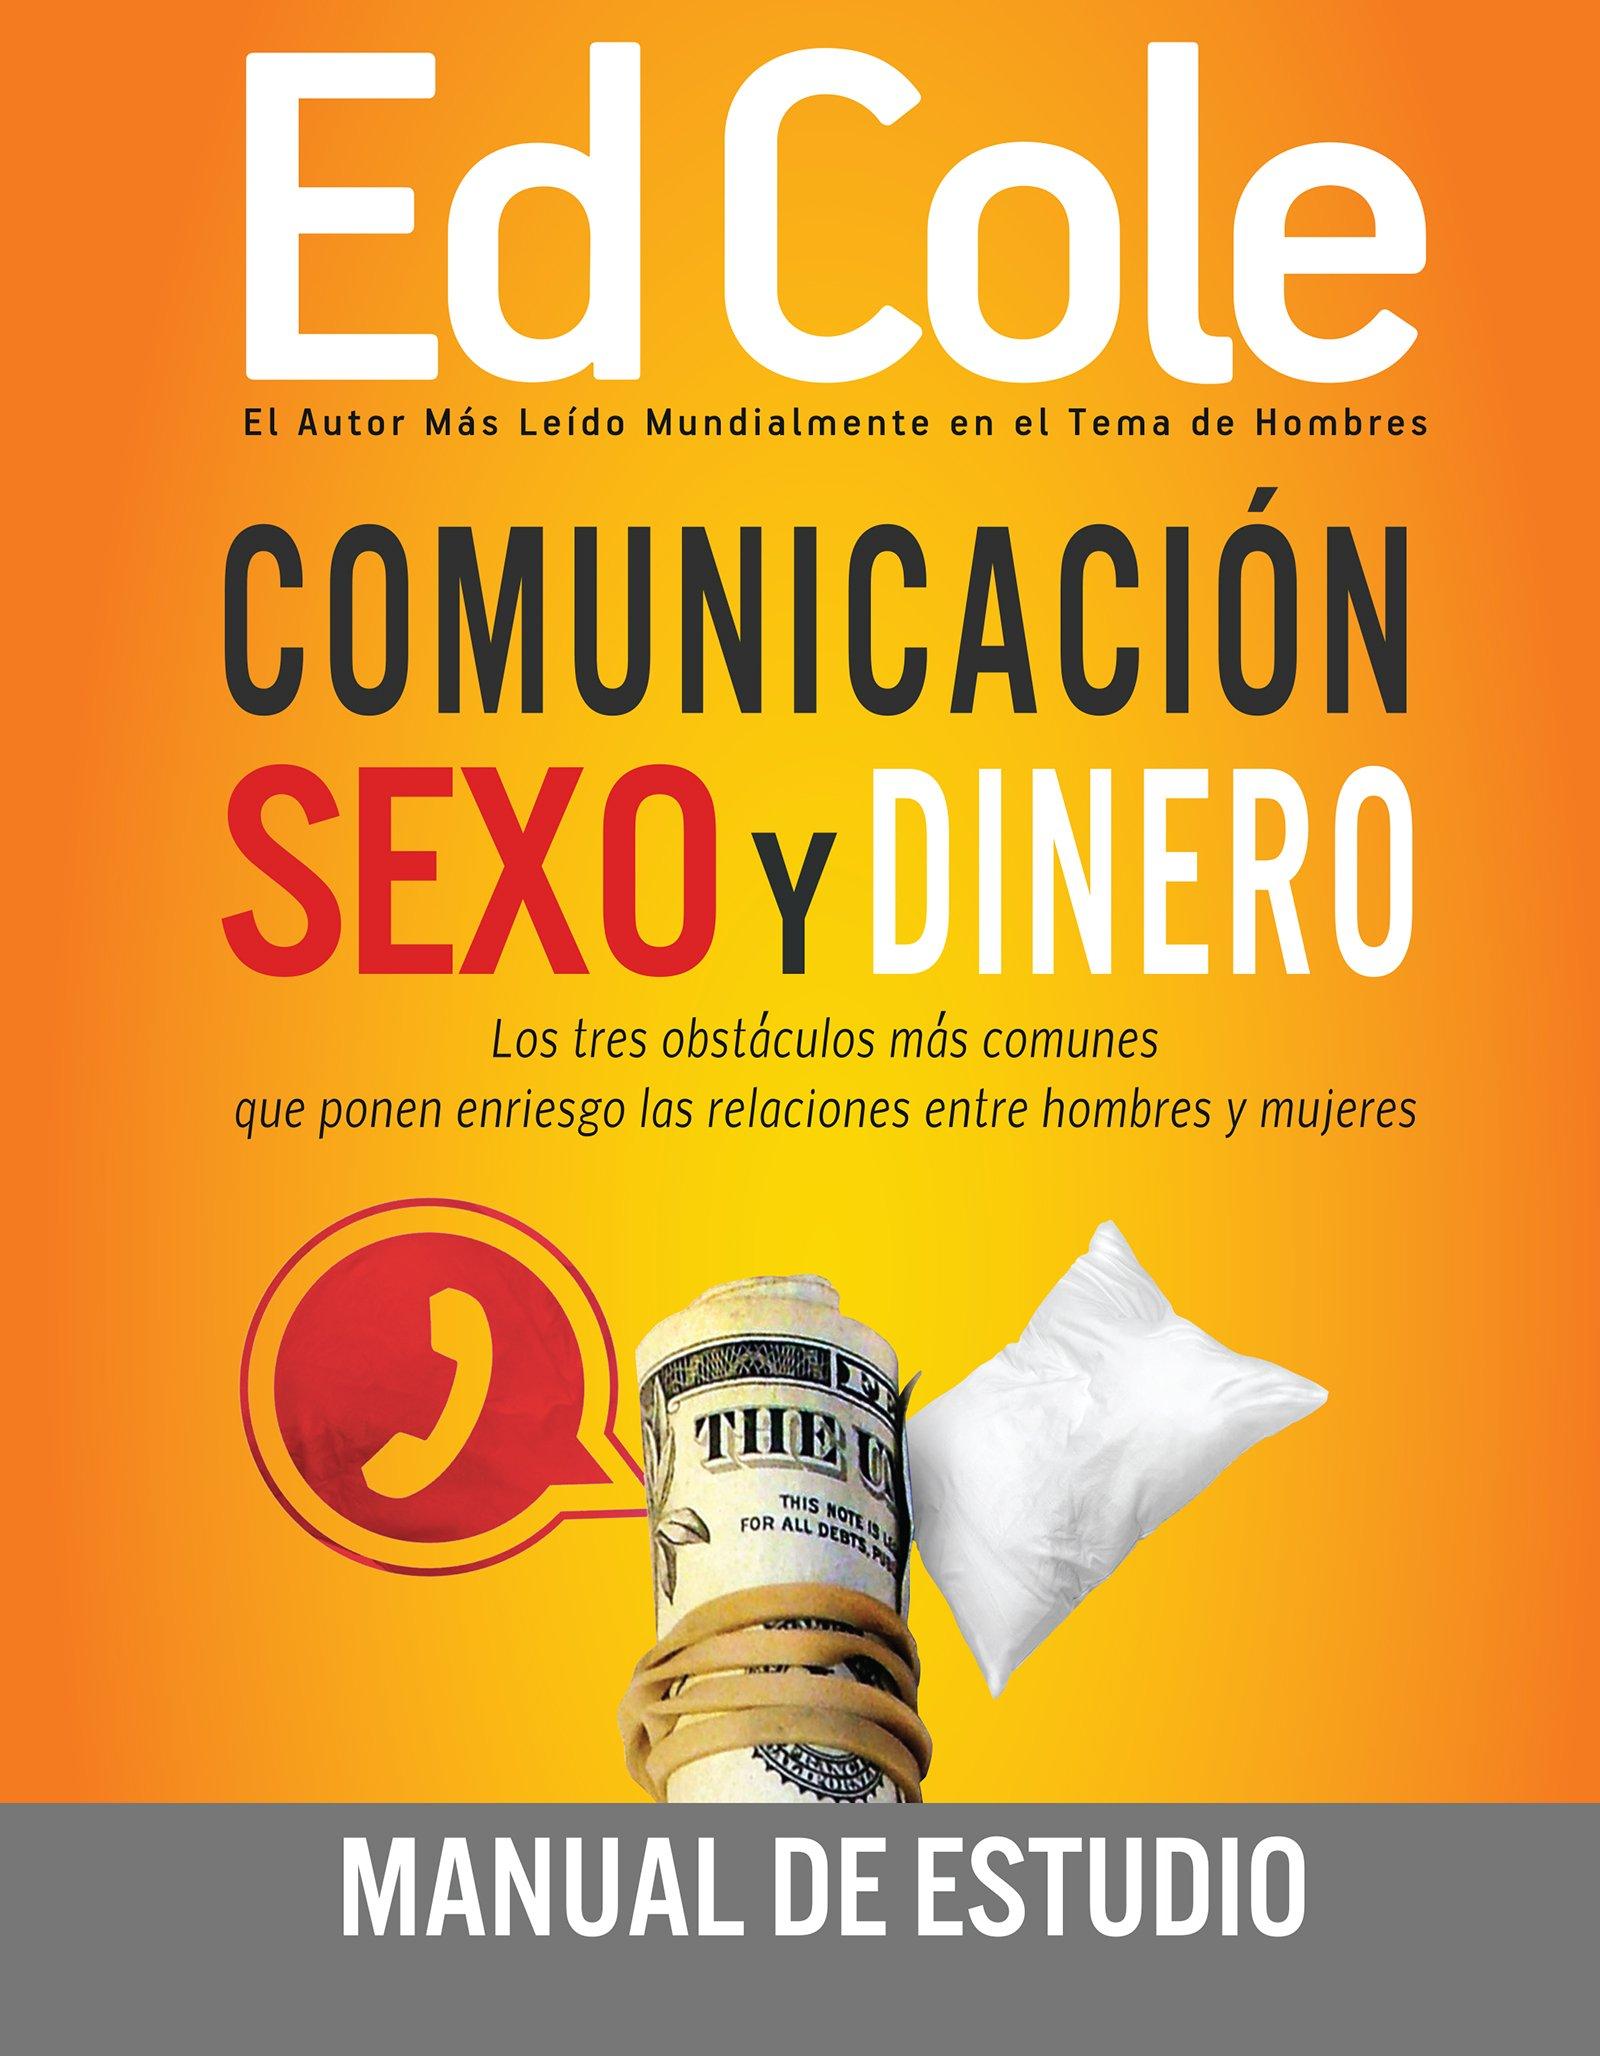 Download Comunicación, sexo y dinero: Manual de estudio: Cómo vencer tres retos comunes en las relaciones (Majoring in Men) (Spanish Edition) PDF